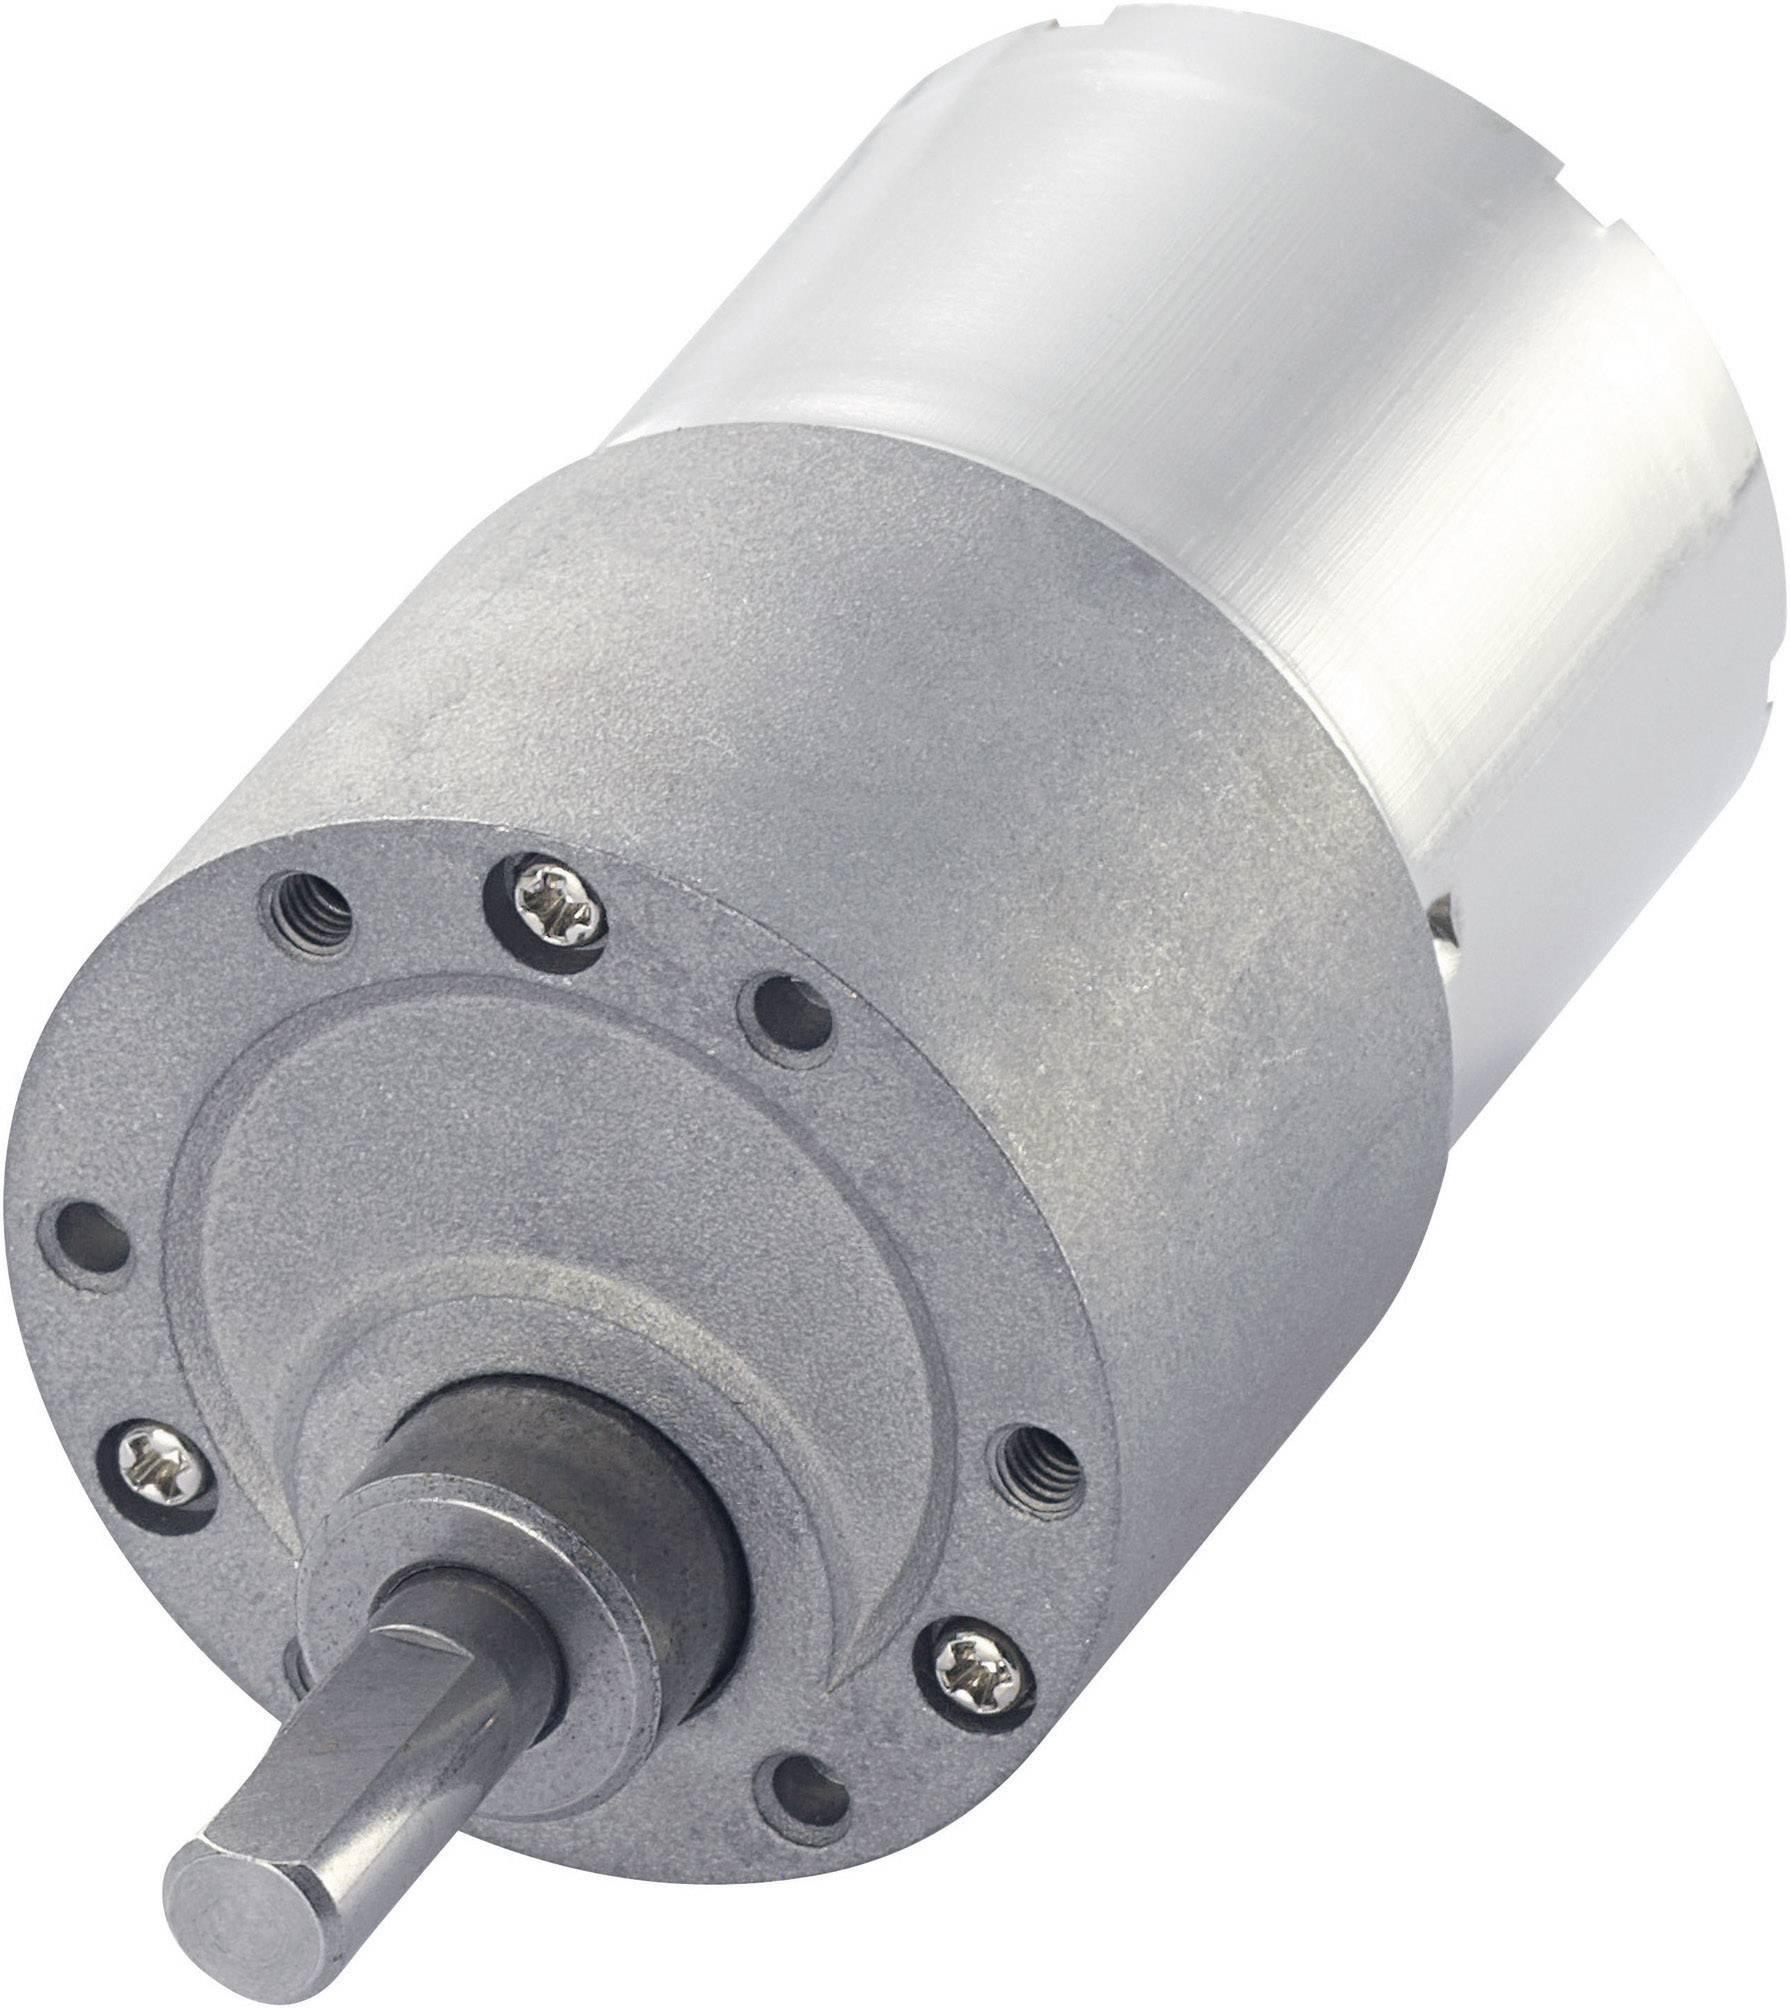 Prevodový motor Modelcraft RB350100-0A101R, 12 V, 100:1